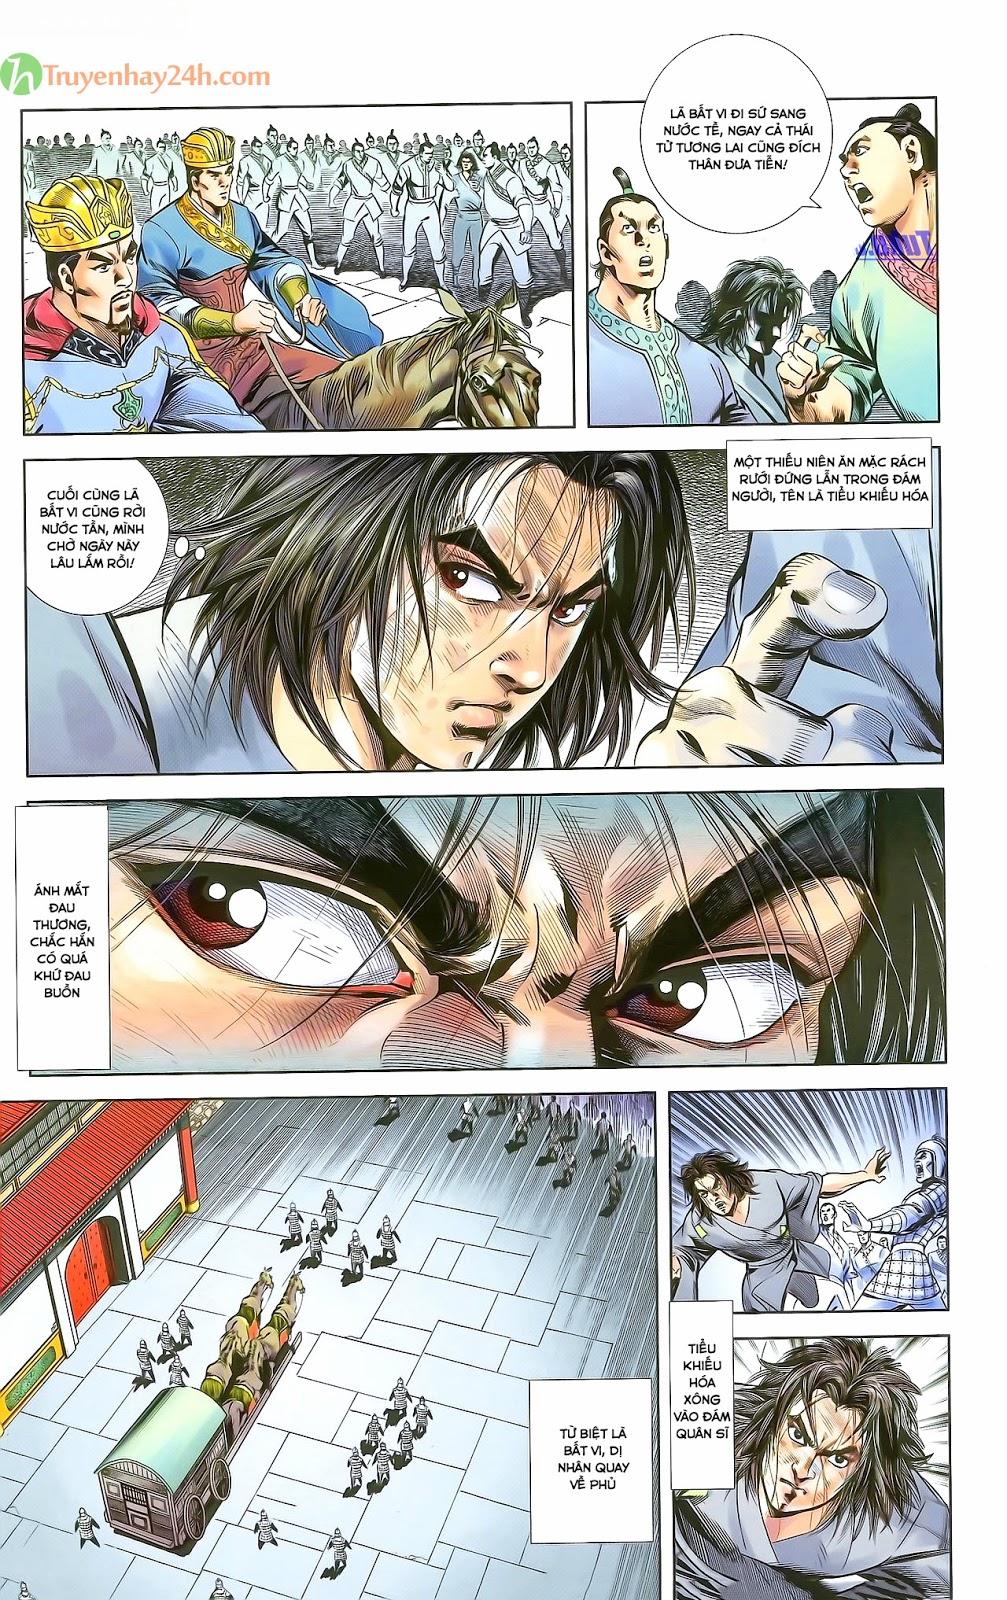 Tần Vương Doanh Chính chapter 28 trang 28